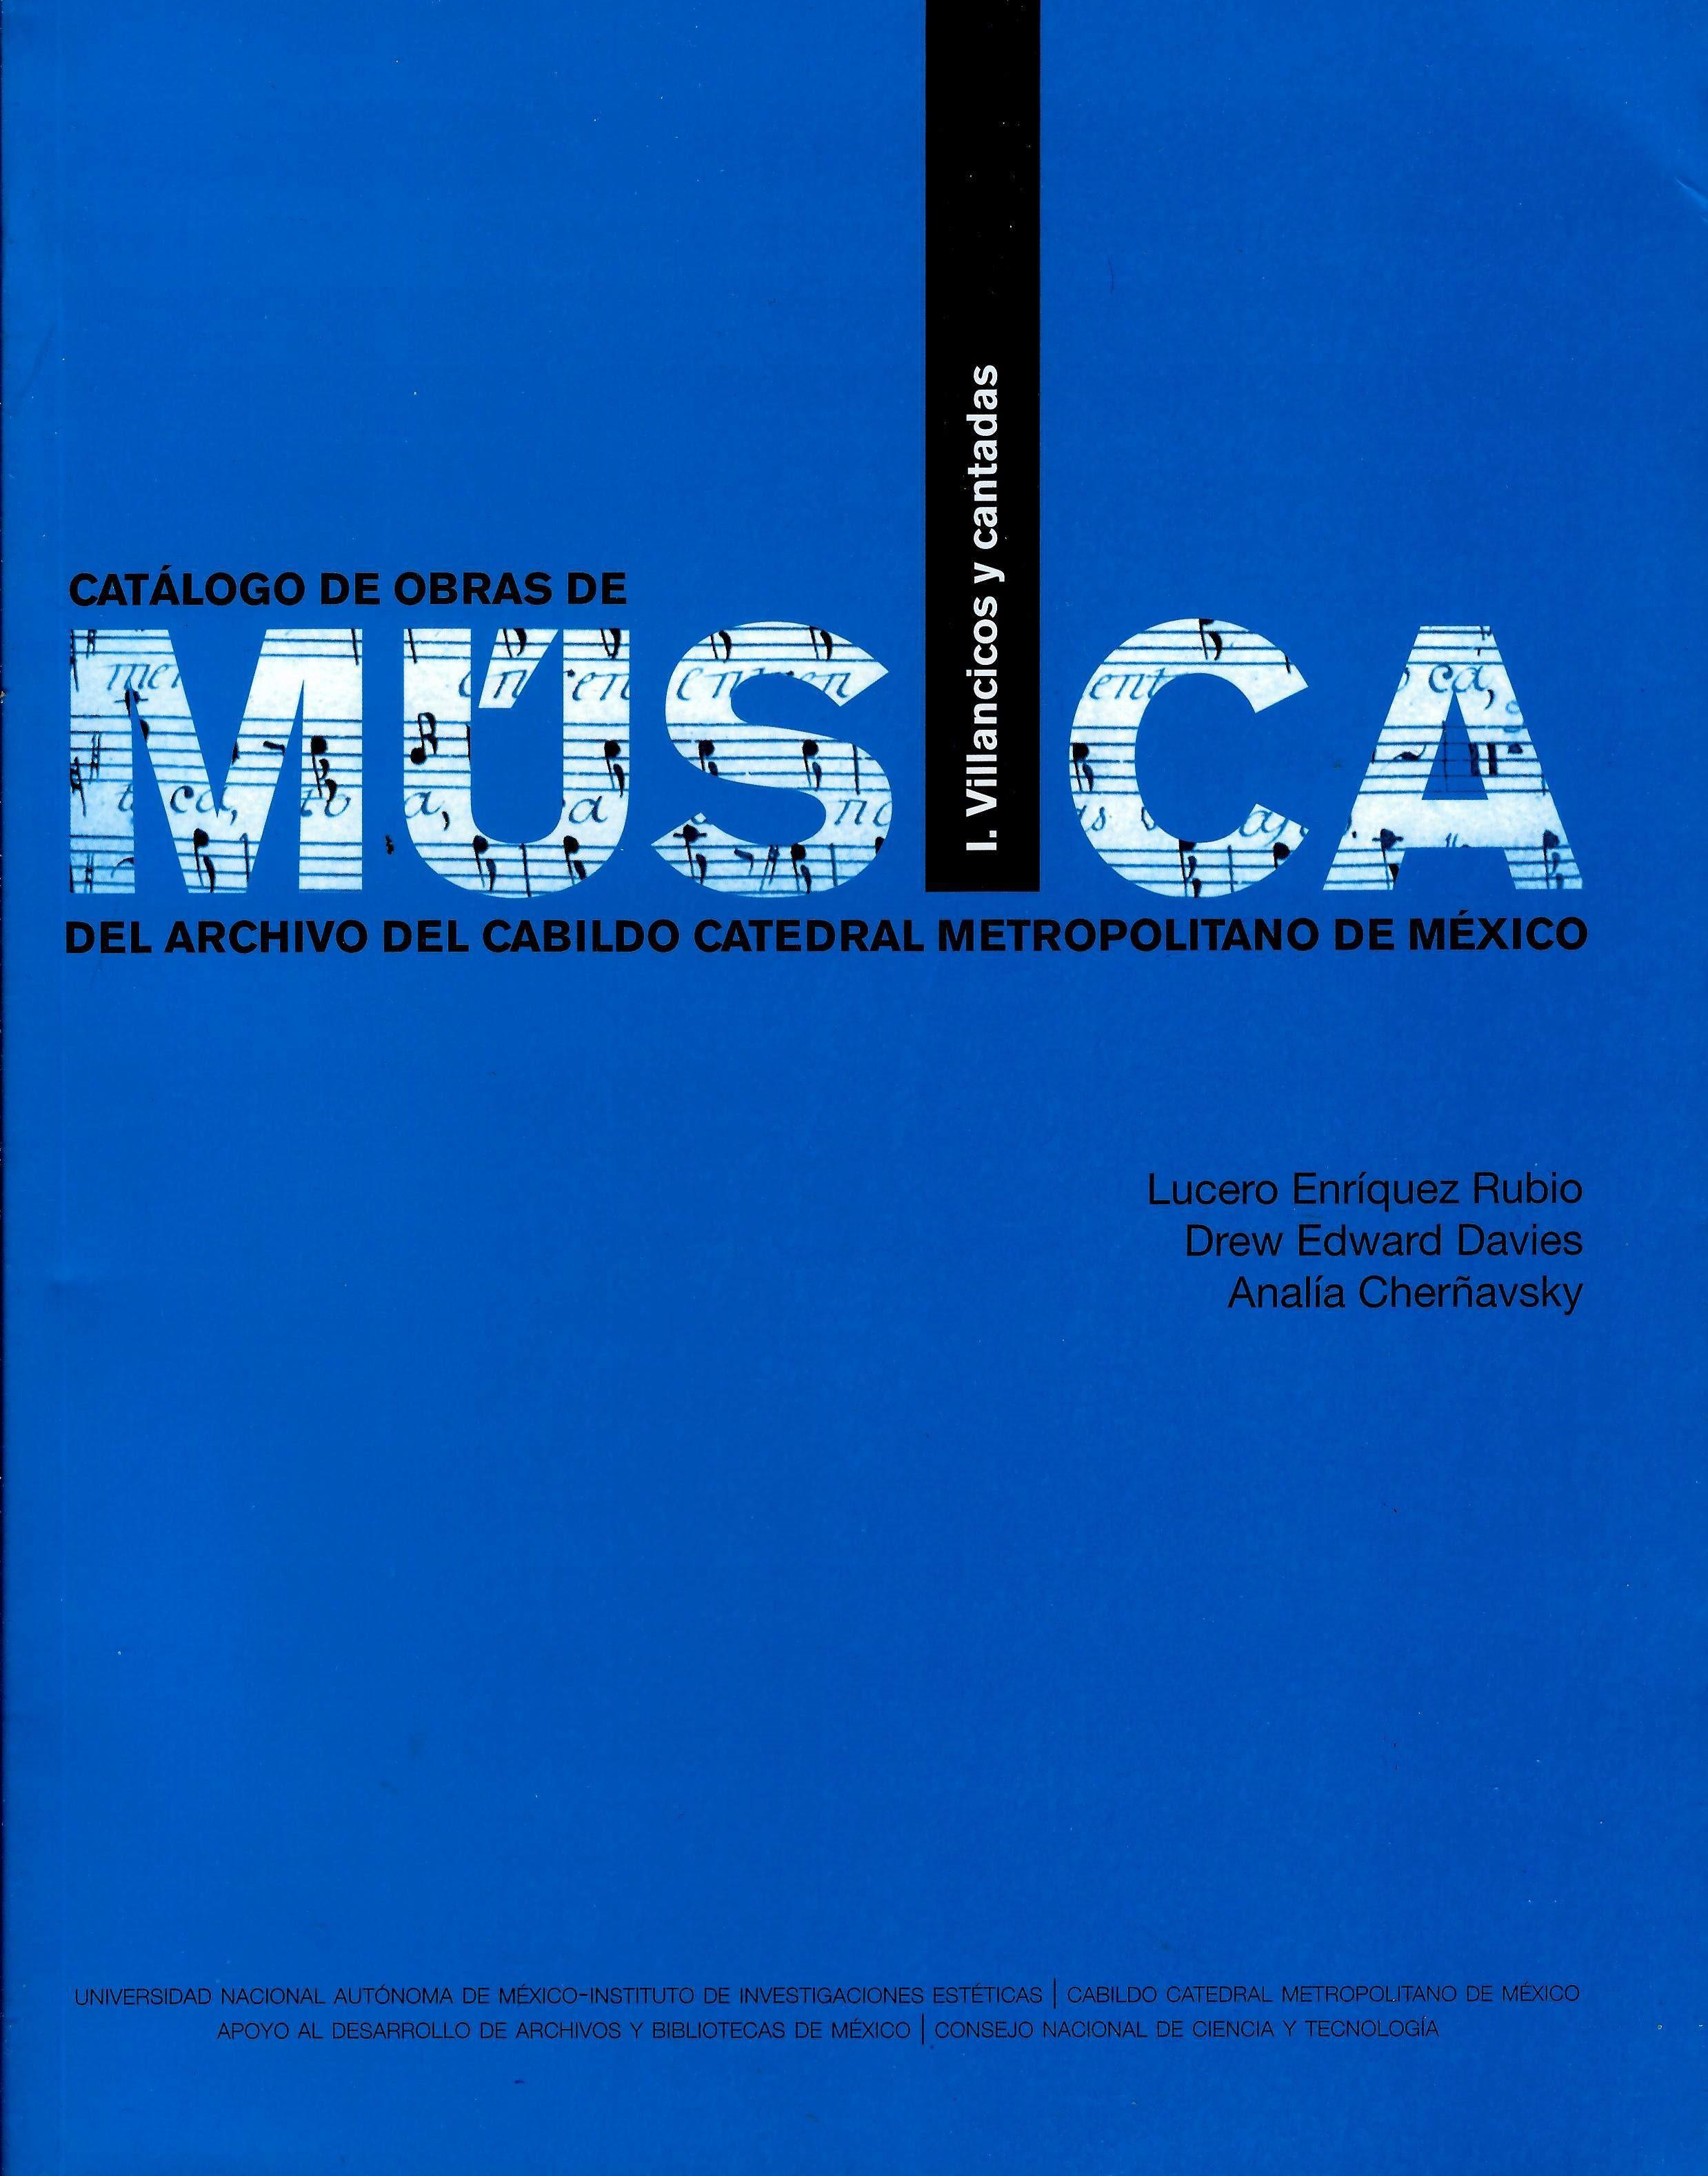 Catálogo de obras de música del archivo del cabildo catedral metropolitano de México Volumen 1. Villancicos y cantadas